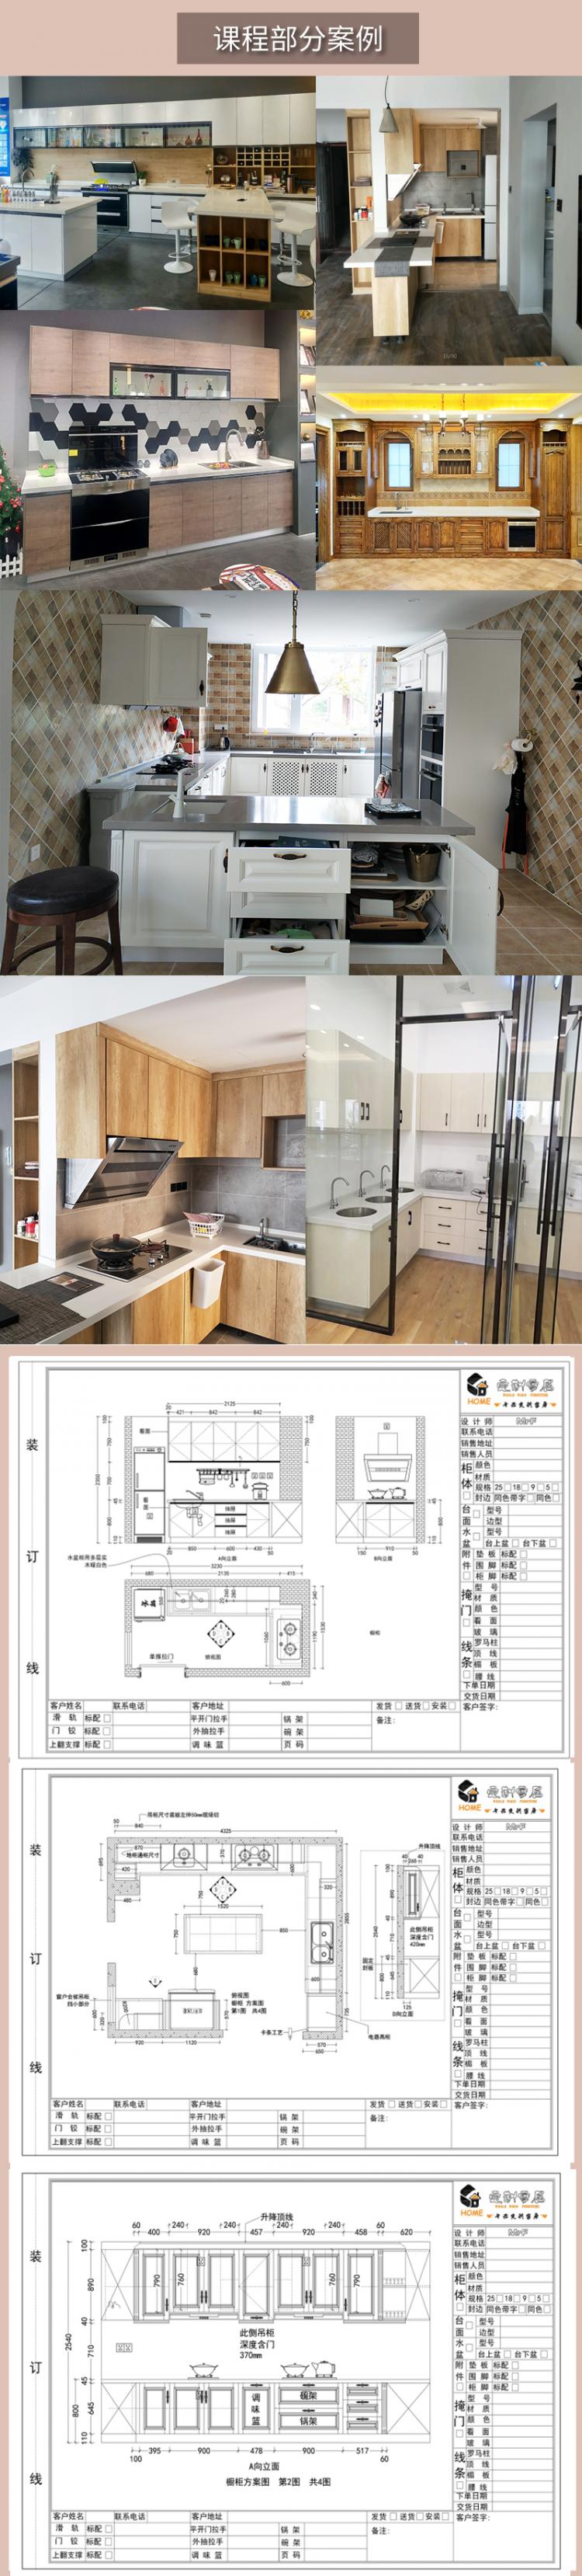 【橱柜设计】全屋定制橱柜设计师CAD系统课程